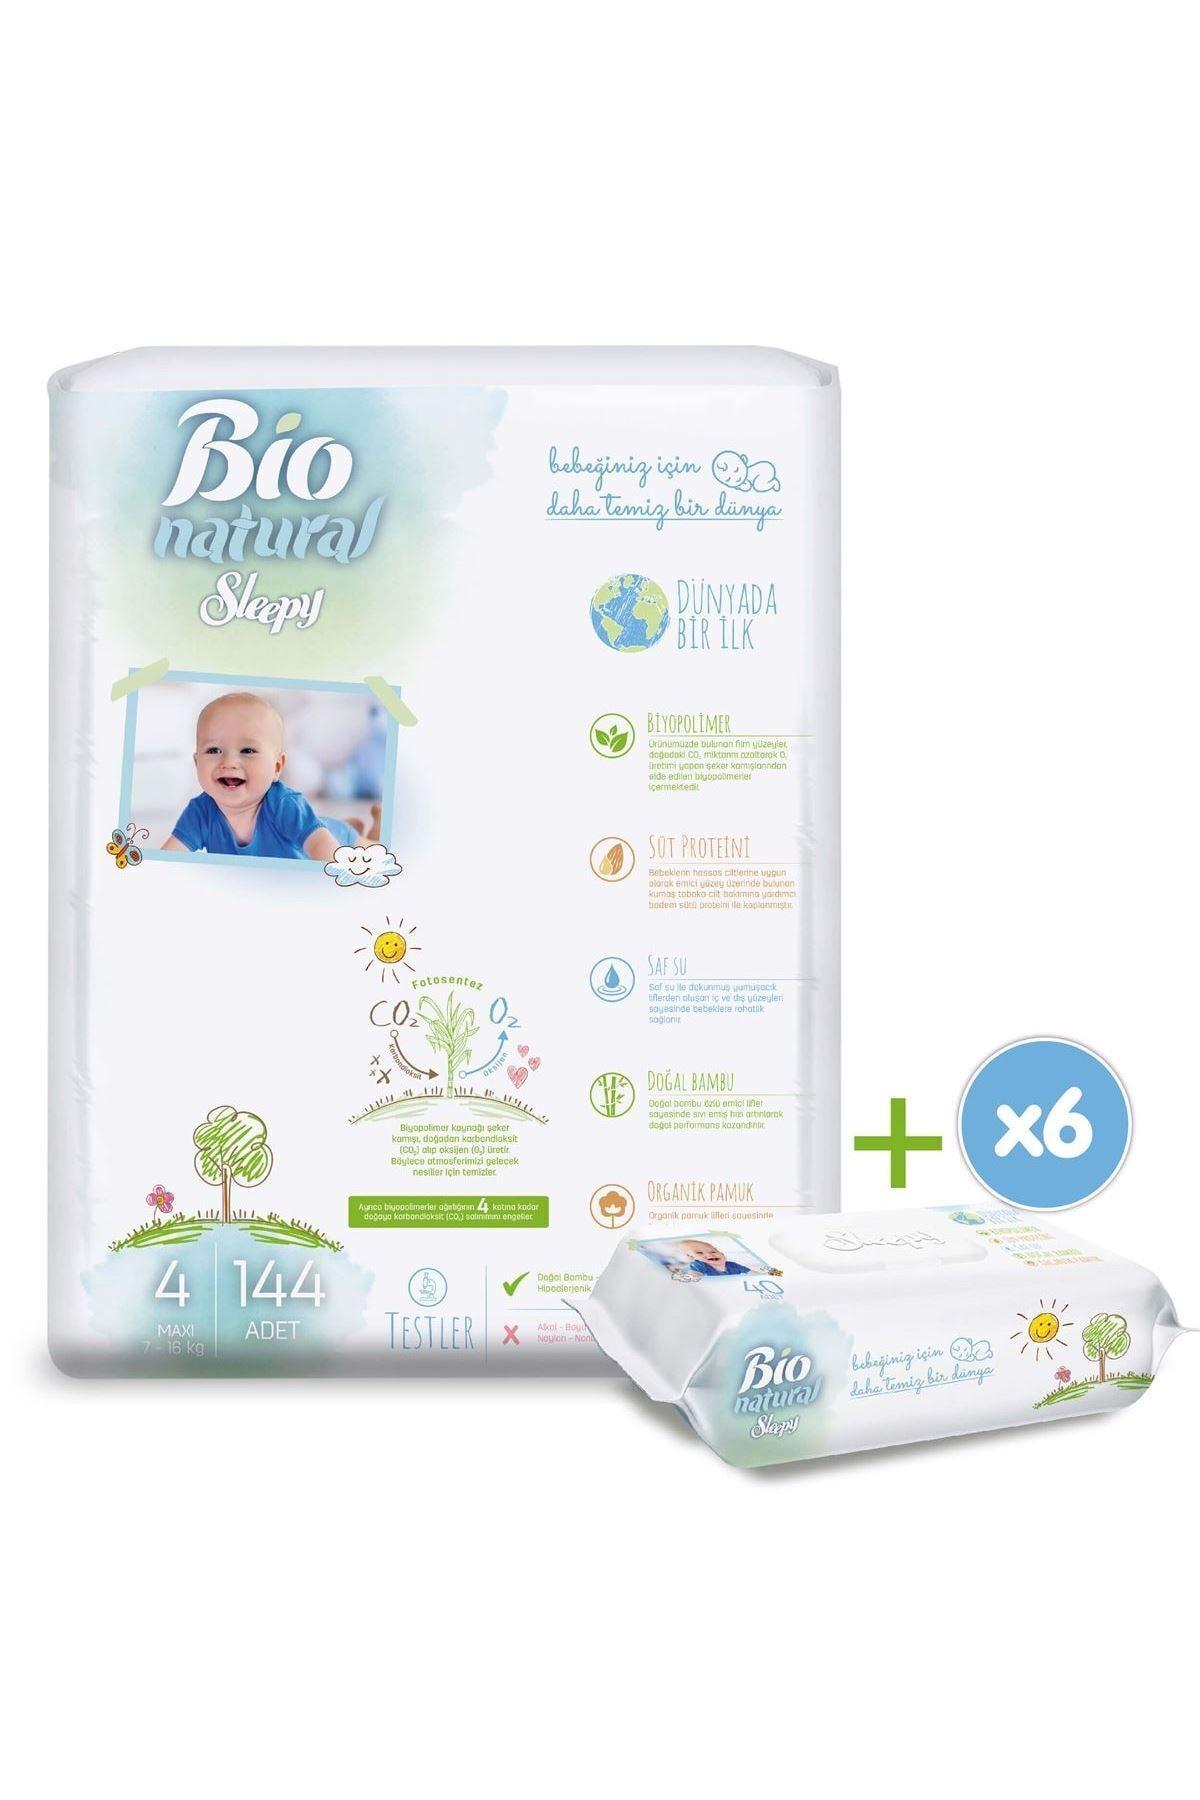 Sleepy Bio Natural Bebek Bezi 4 Numara Maxi 144 Adet + 6x40 Bio Natural Islak Havlu 2